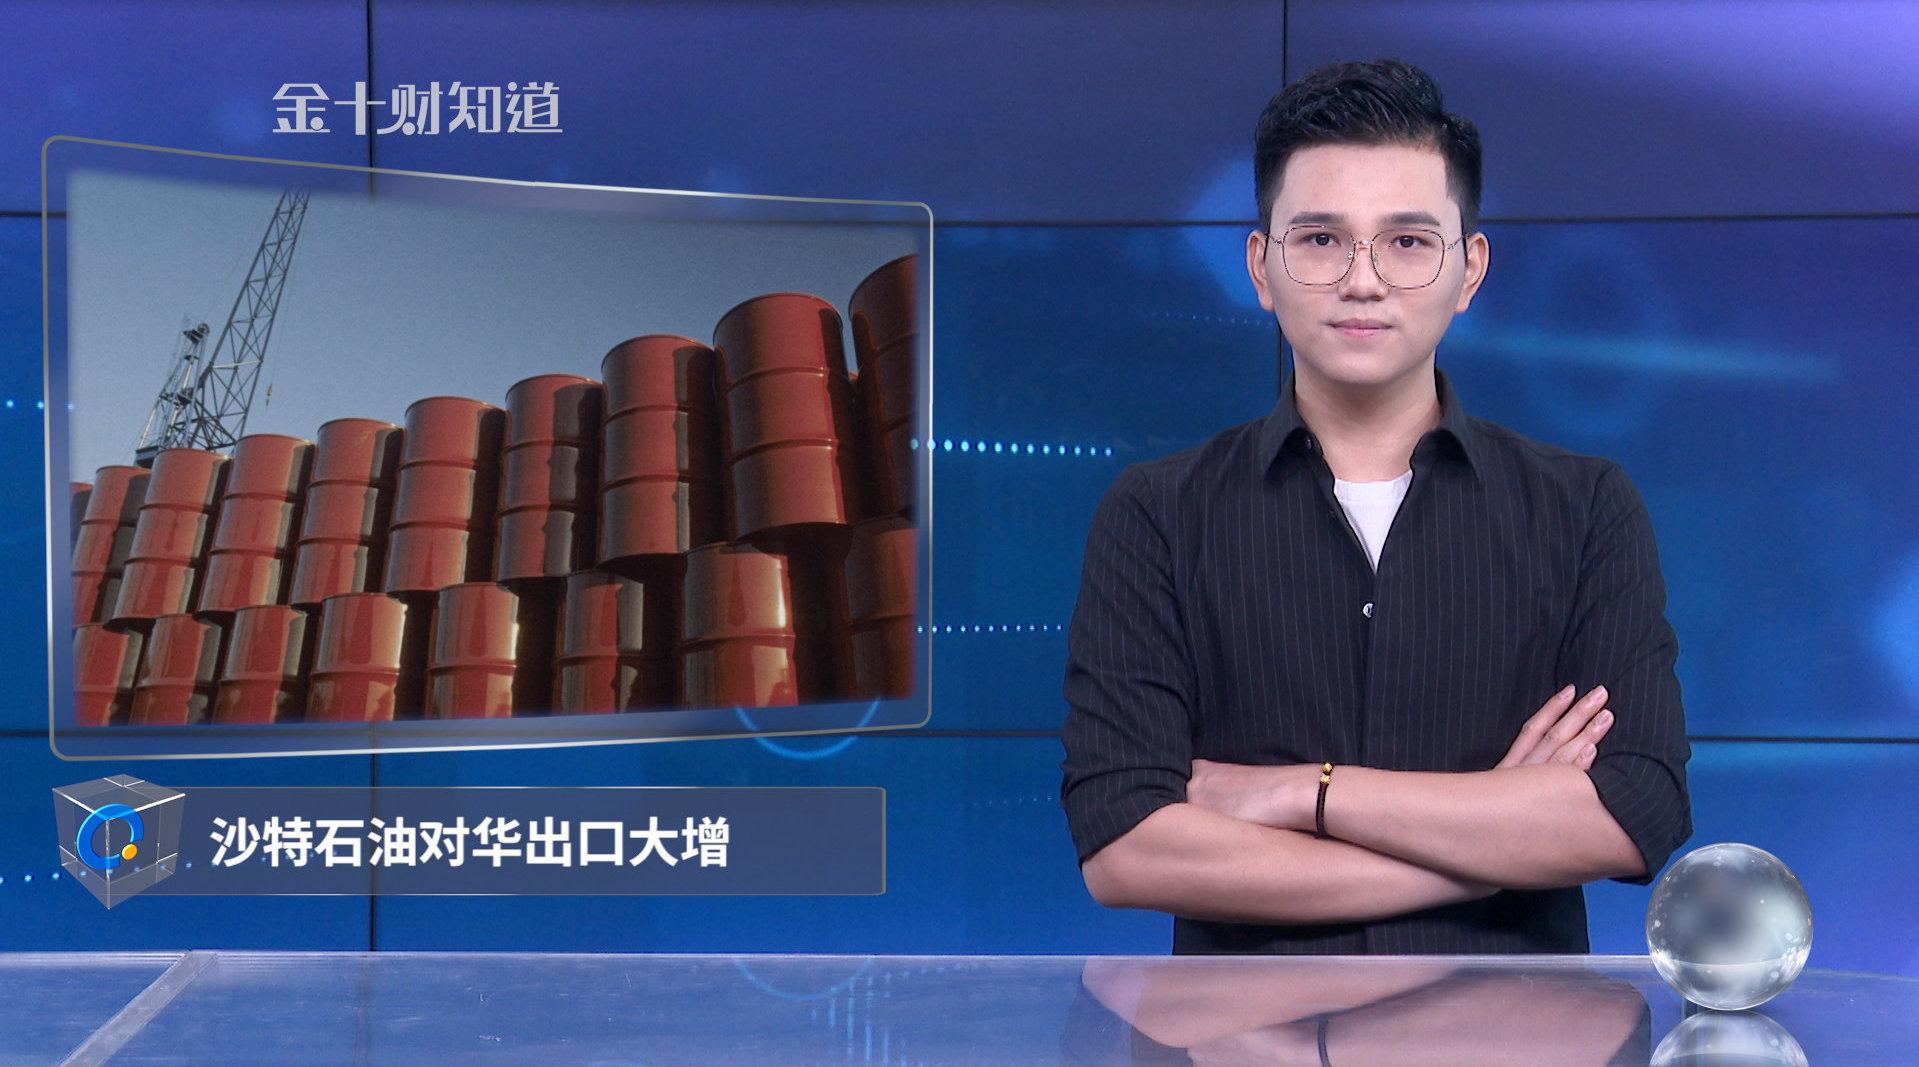 最新,中石油宣布停止进口这国石油!另一国却和中国签1200亿大单